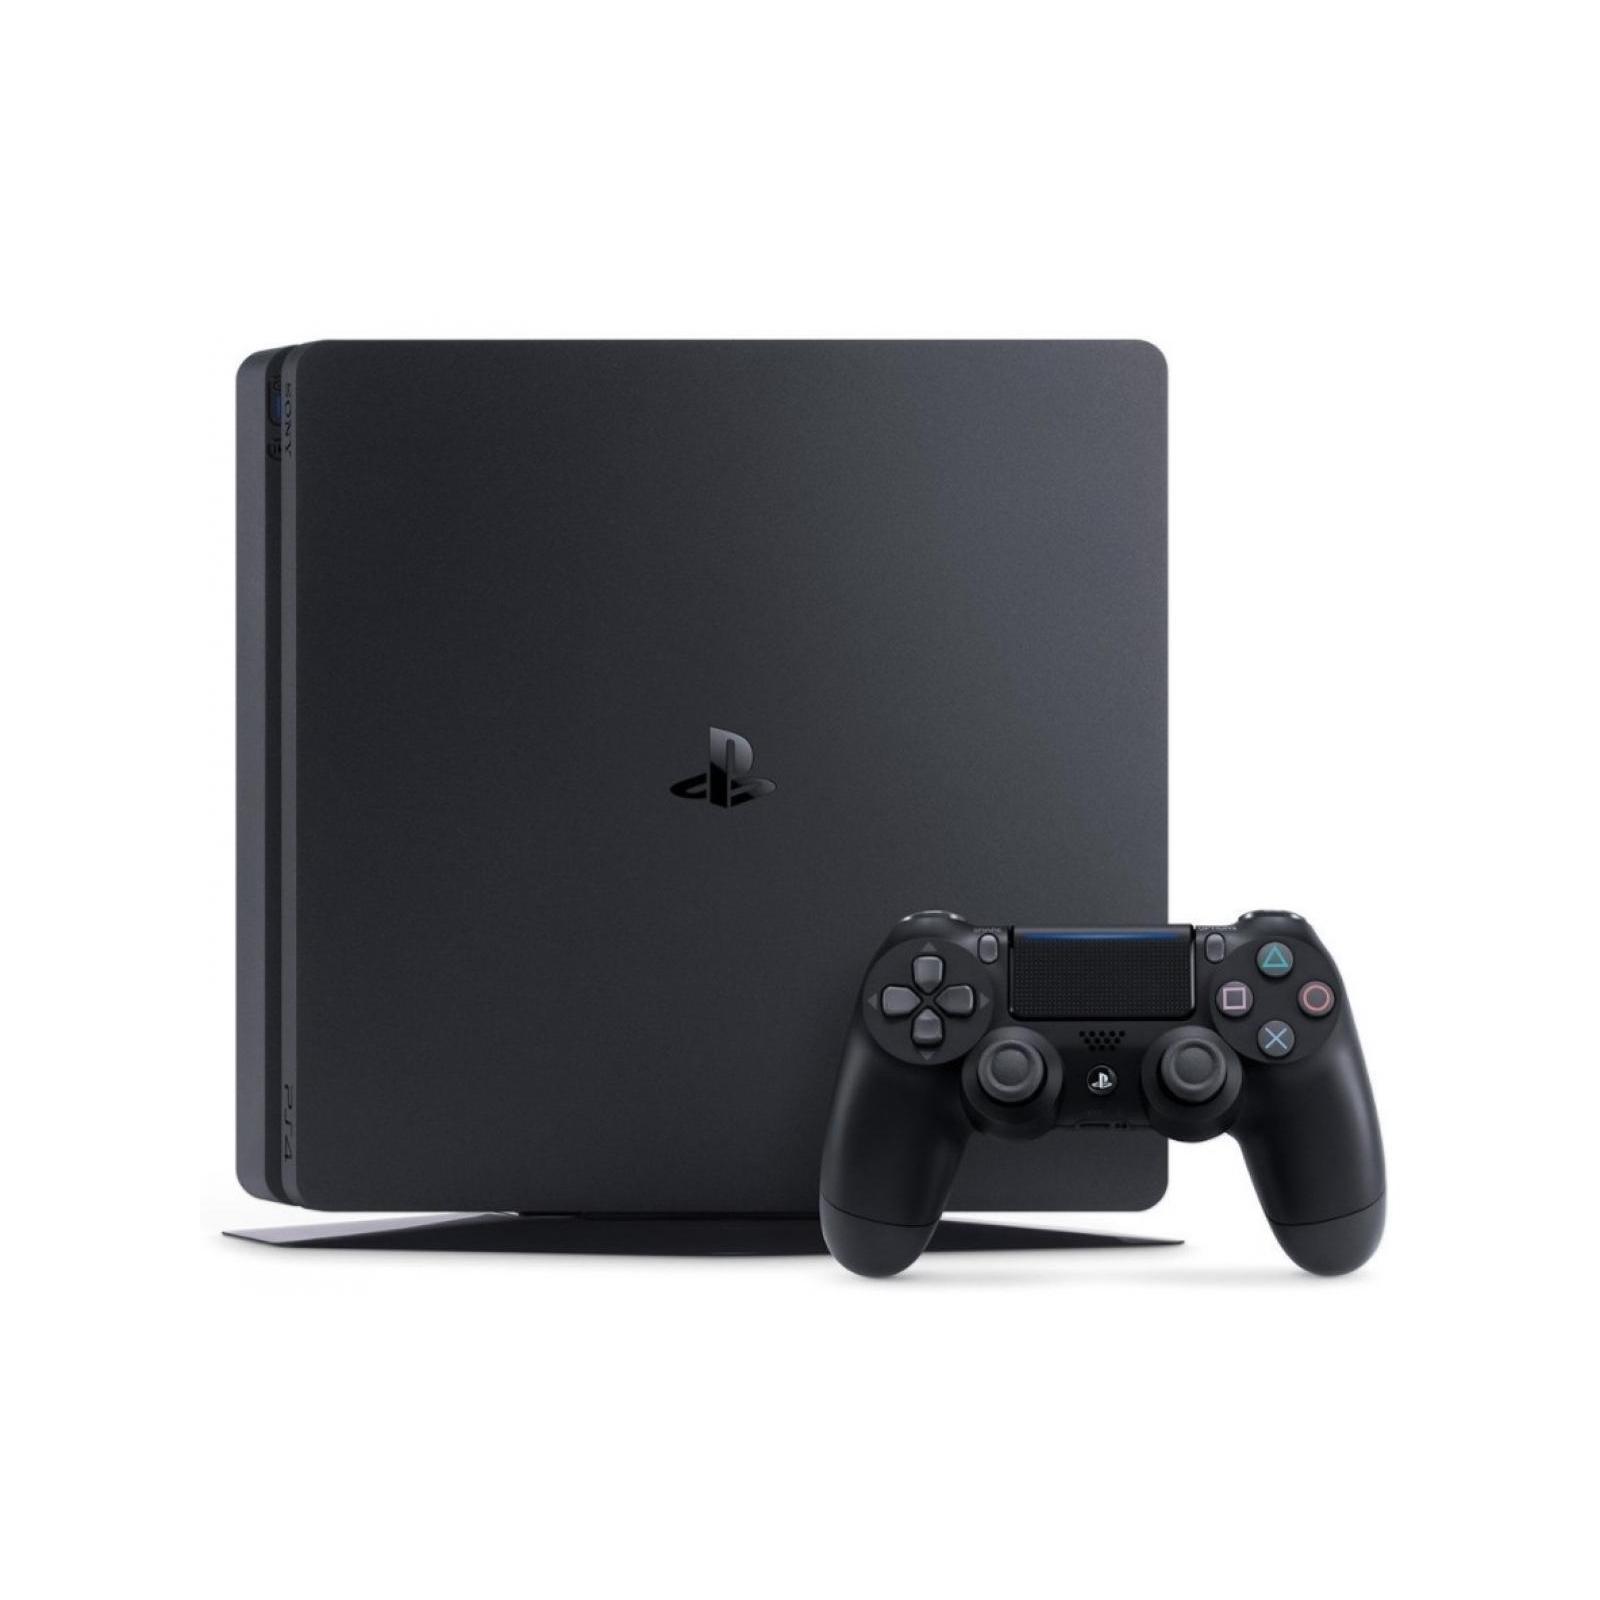 Игровая консоль Sony PlayStation 4 Slim 1Tb Black (God of War) (9385172) изображение 2